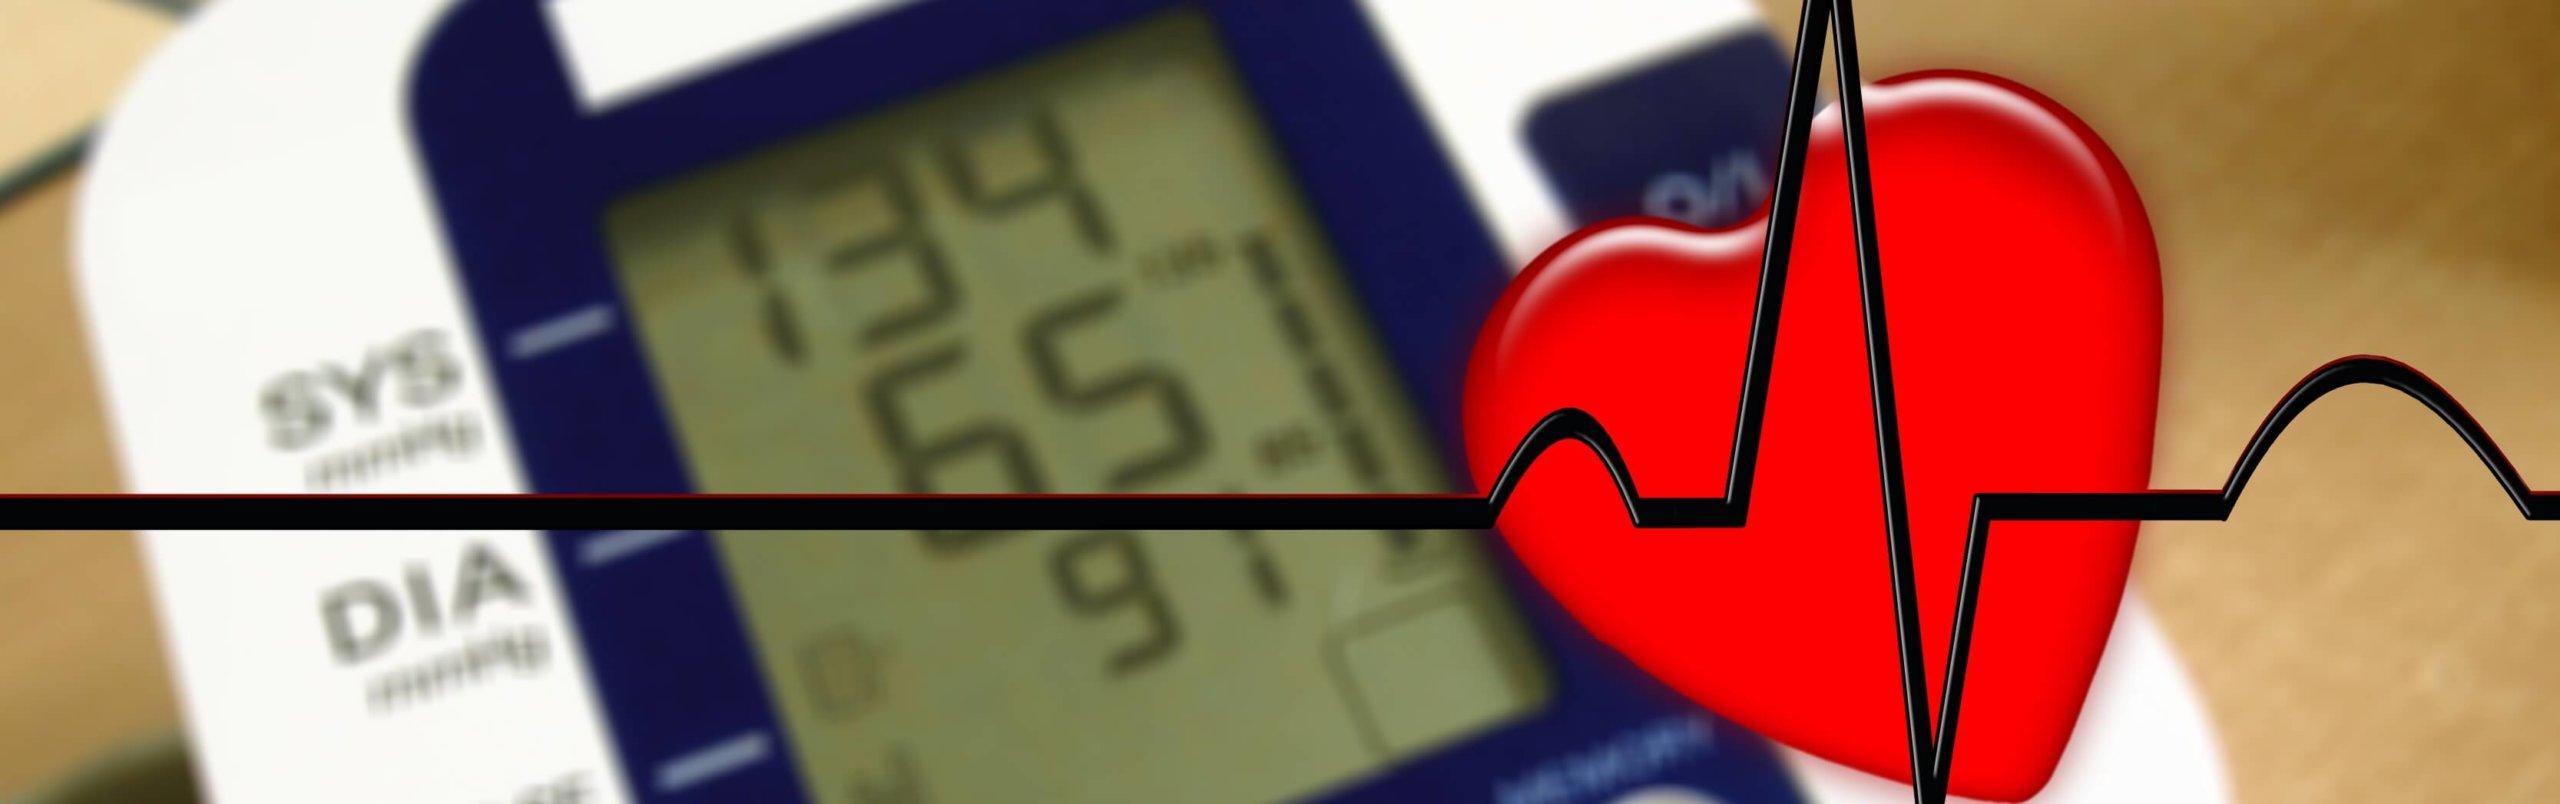 Bluthochdruck (c) geralt / pixabay.de